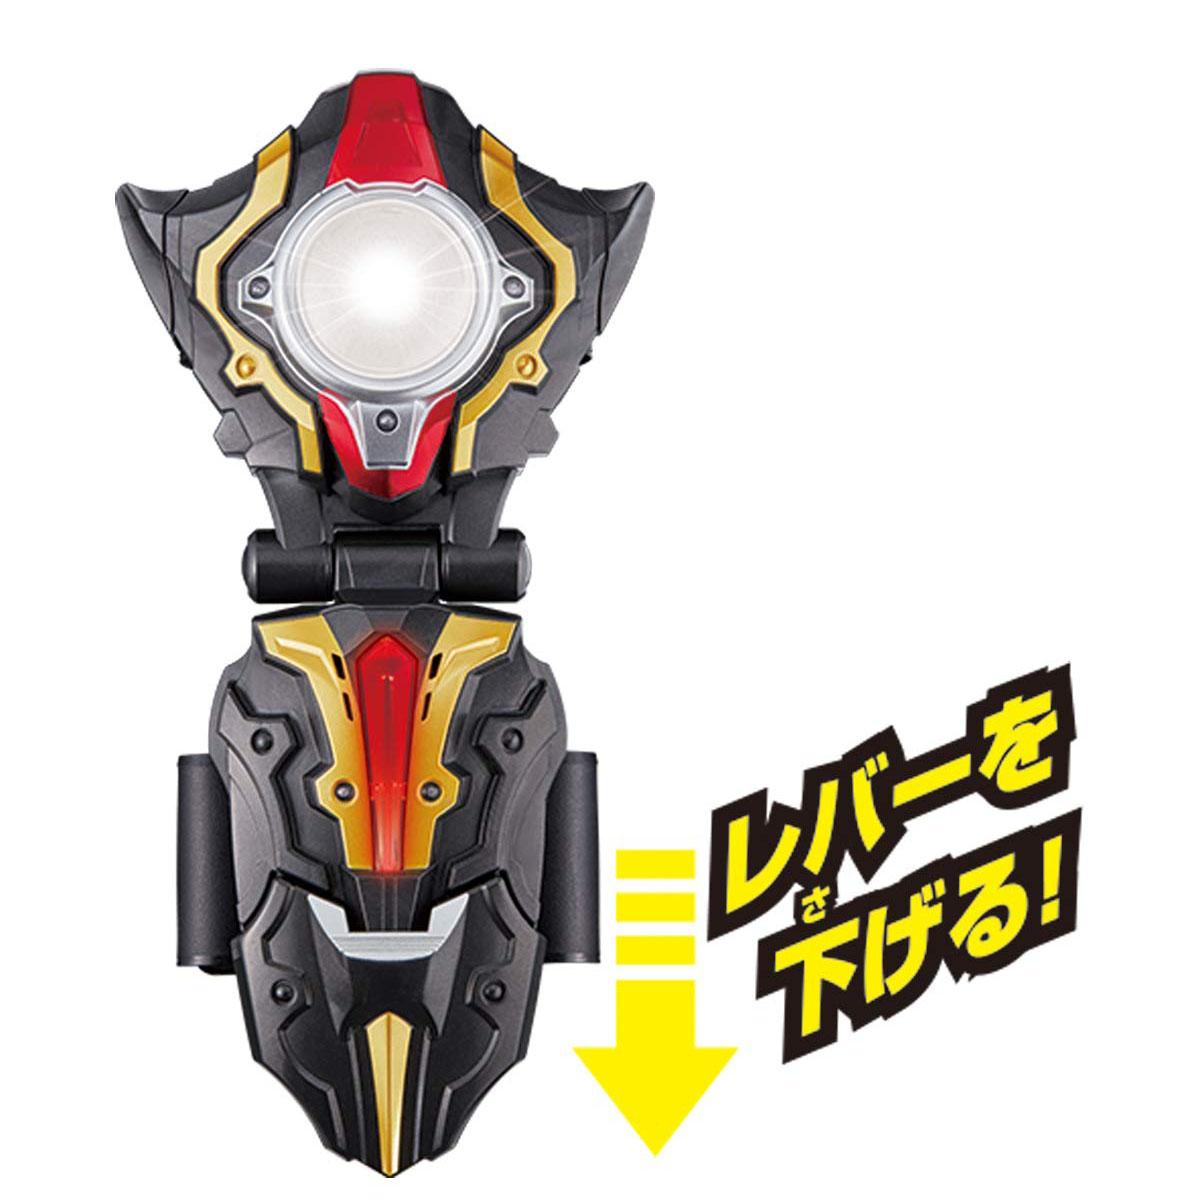 ウルトラマンタイガ『DXタイガスパーク』変身なりきり-006